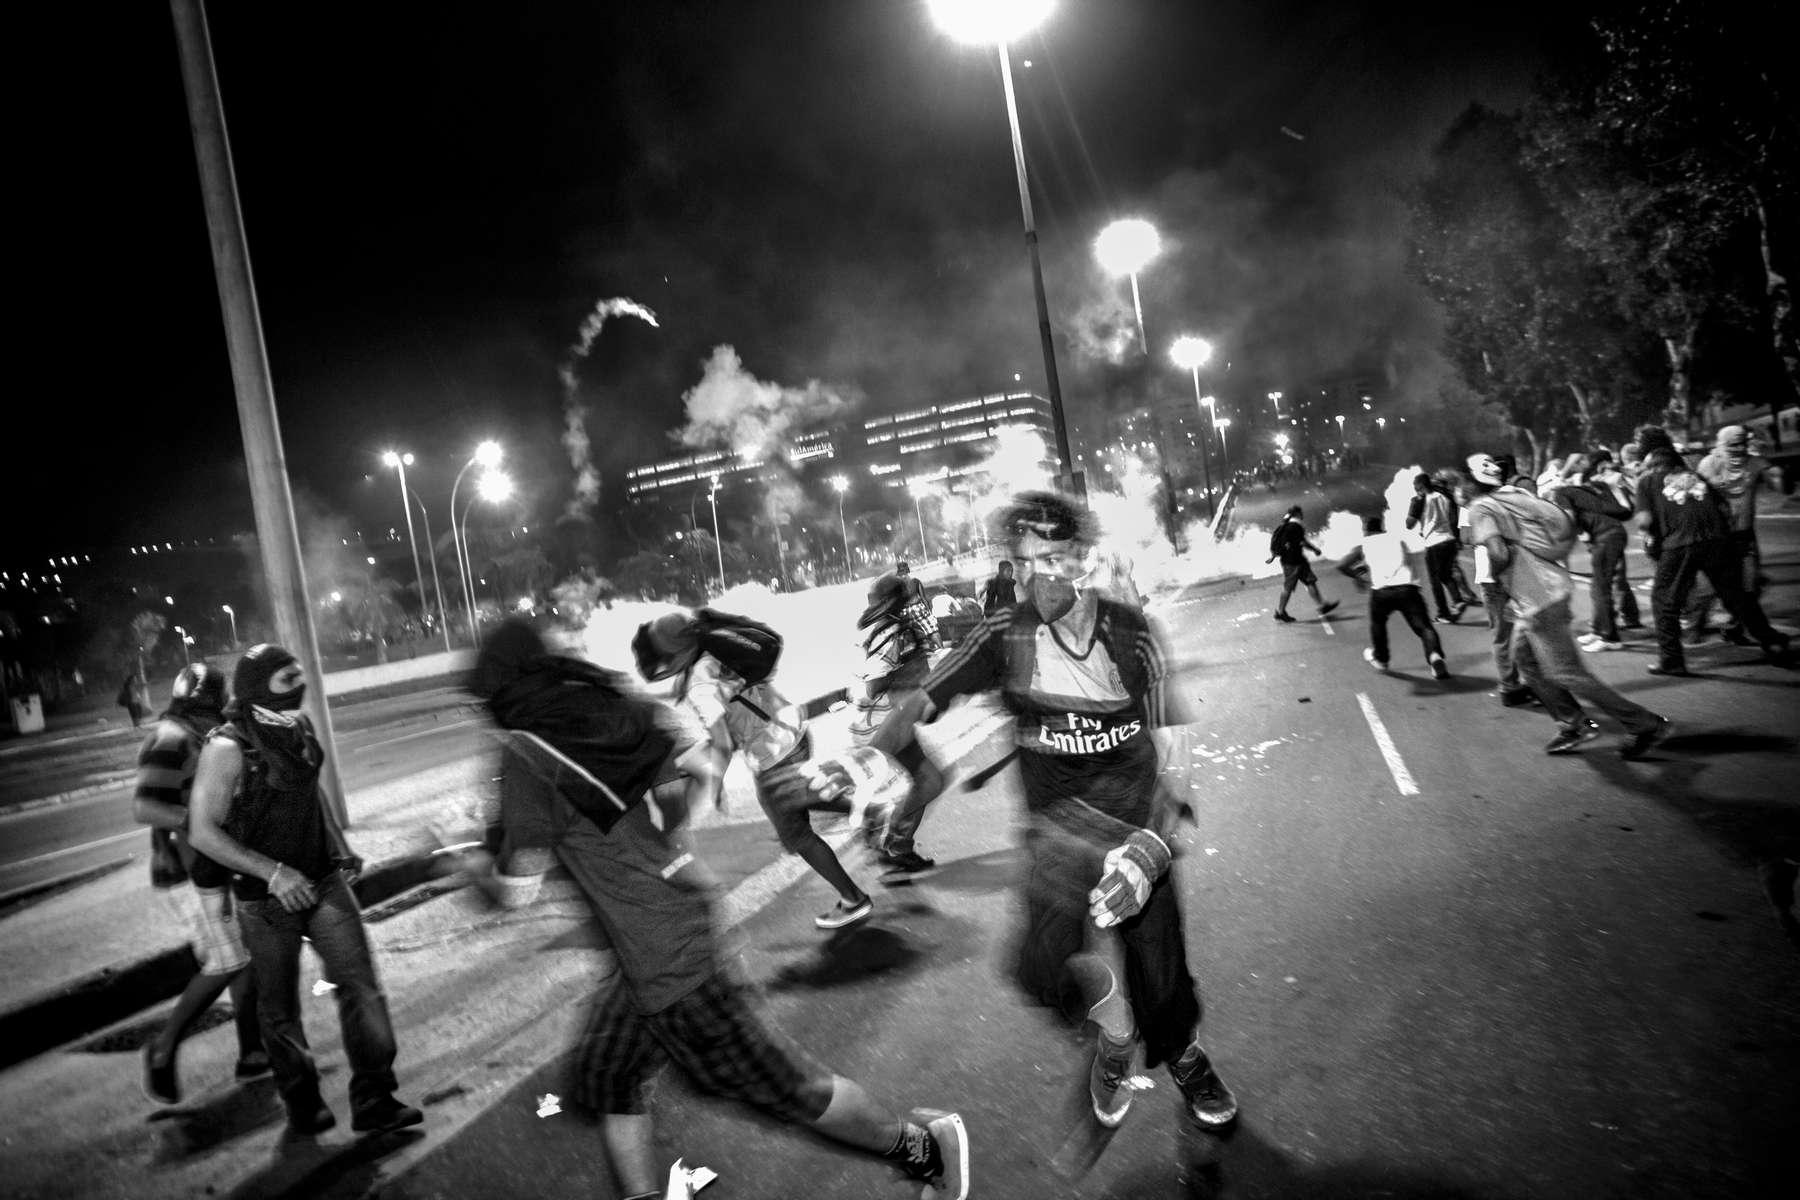 Los manifestantes se enfrentan con la policía antidisturbios durante una protesta contra la corrupción y las alzas de precios en Río de Janeiro el 20 de junio de 2013.Los brasileños volvieron a las calles el jueves en varias ciudades en un nuevo día de protestas masivas en todo el país, exigiendo mejores servicios públicos y lamentando gastos masivos para organizar la Copa del Mundo.